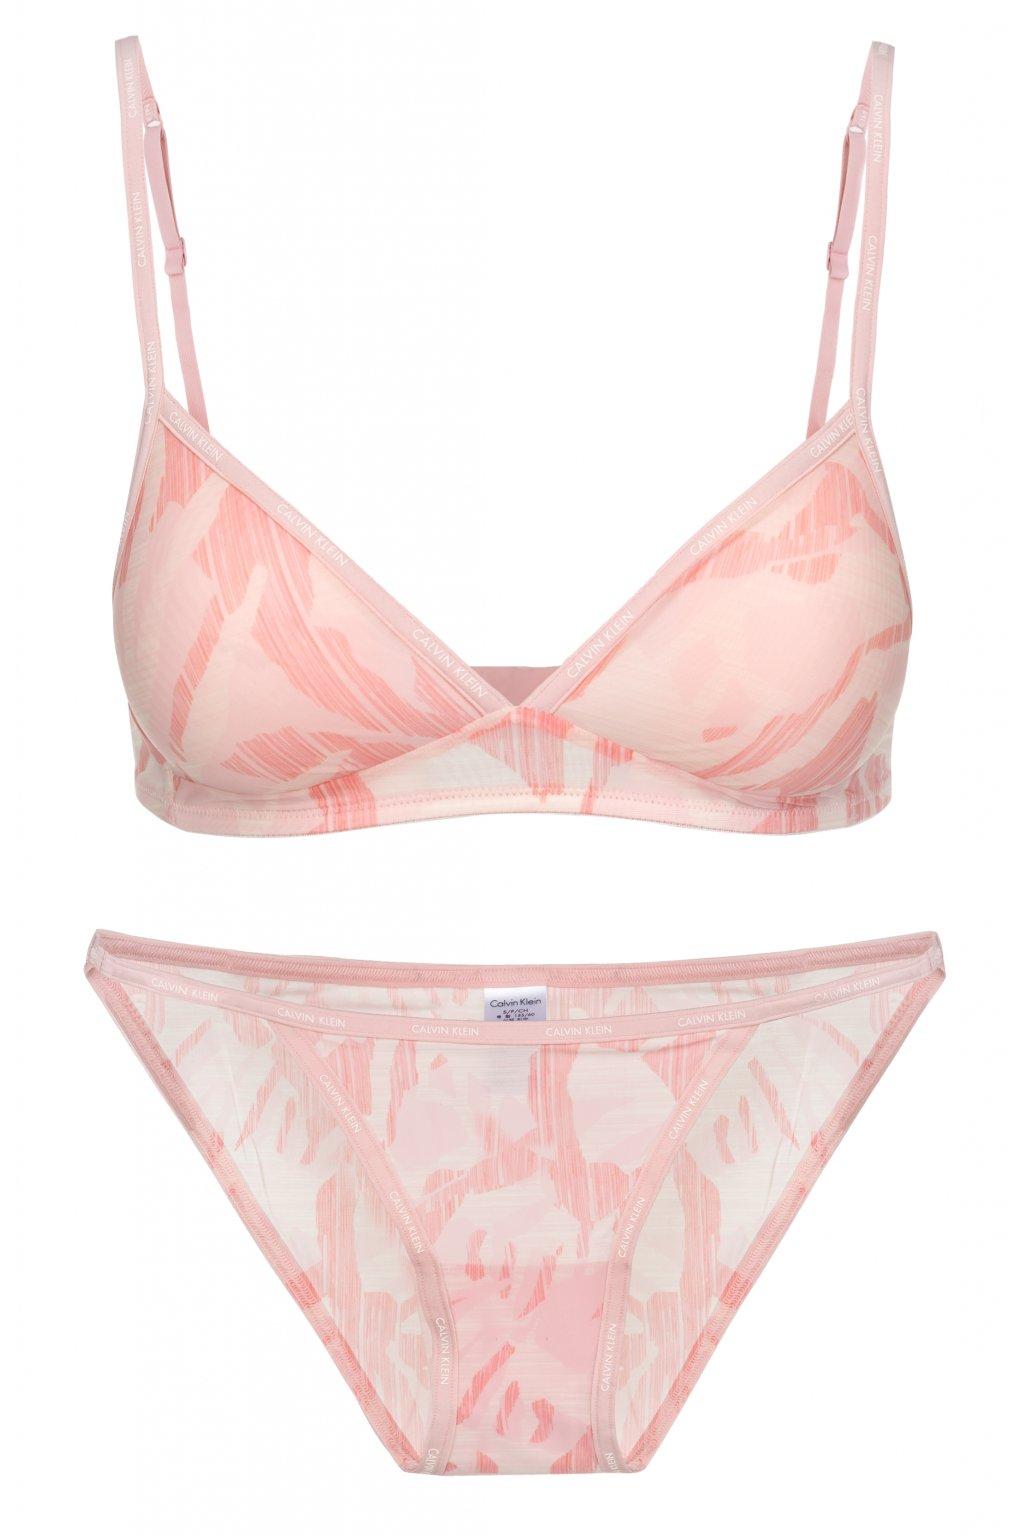 Calvin Klein Sheer Marquisette Bralette +Tanga Light Pink